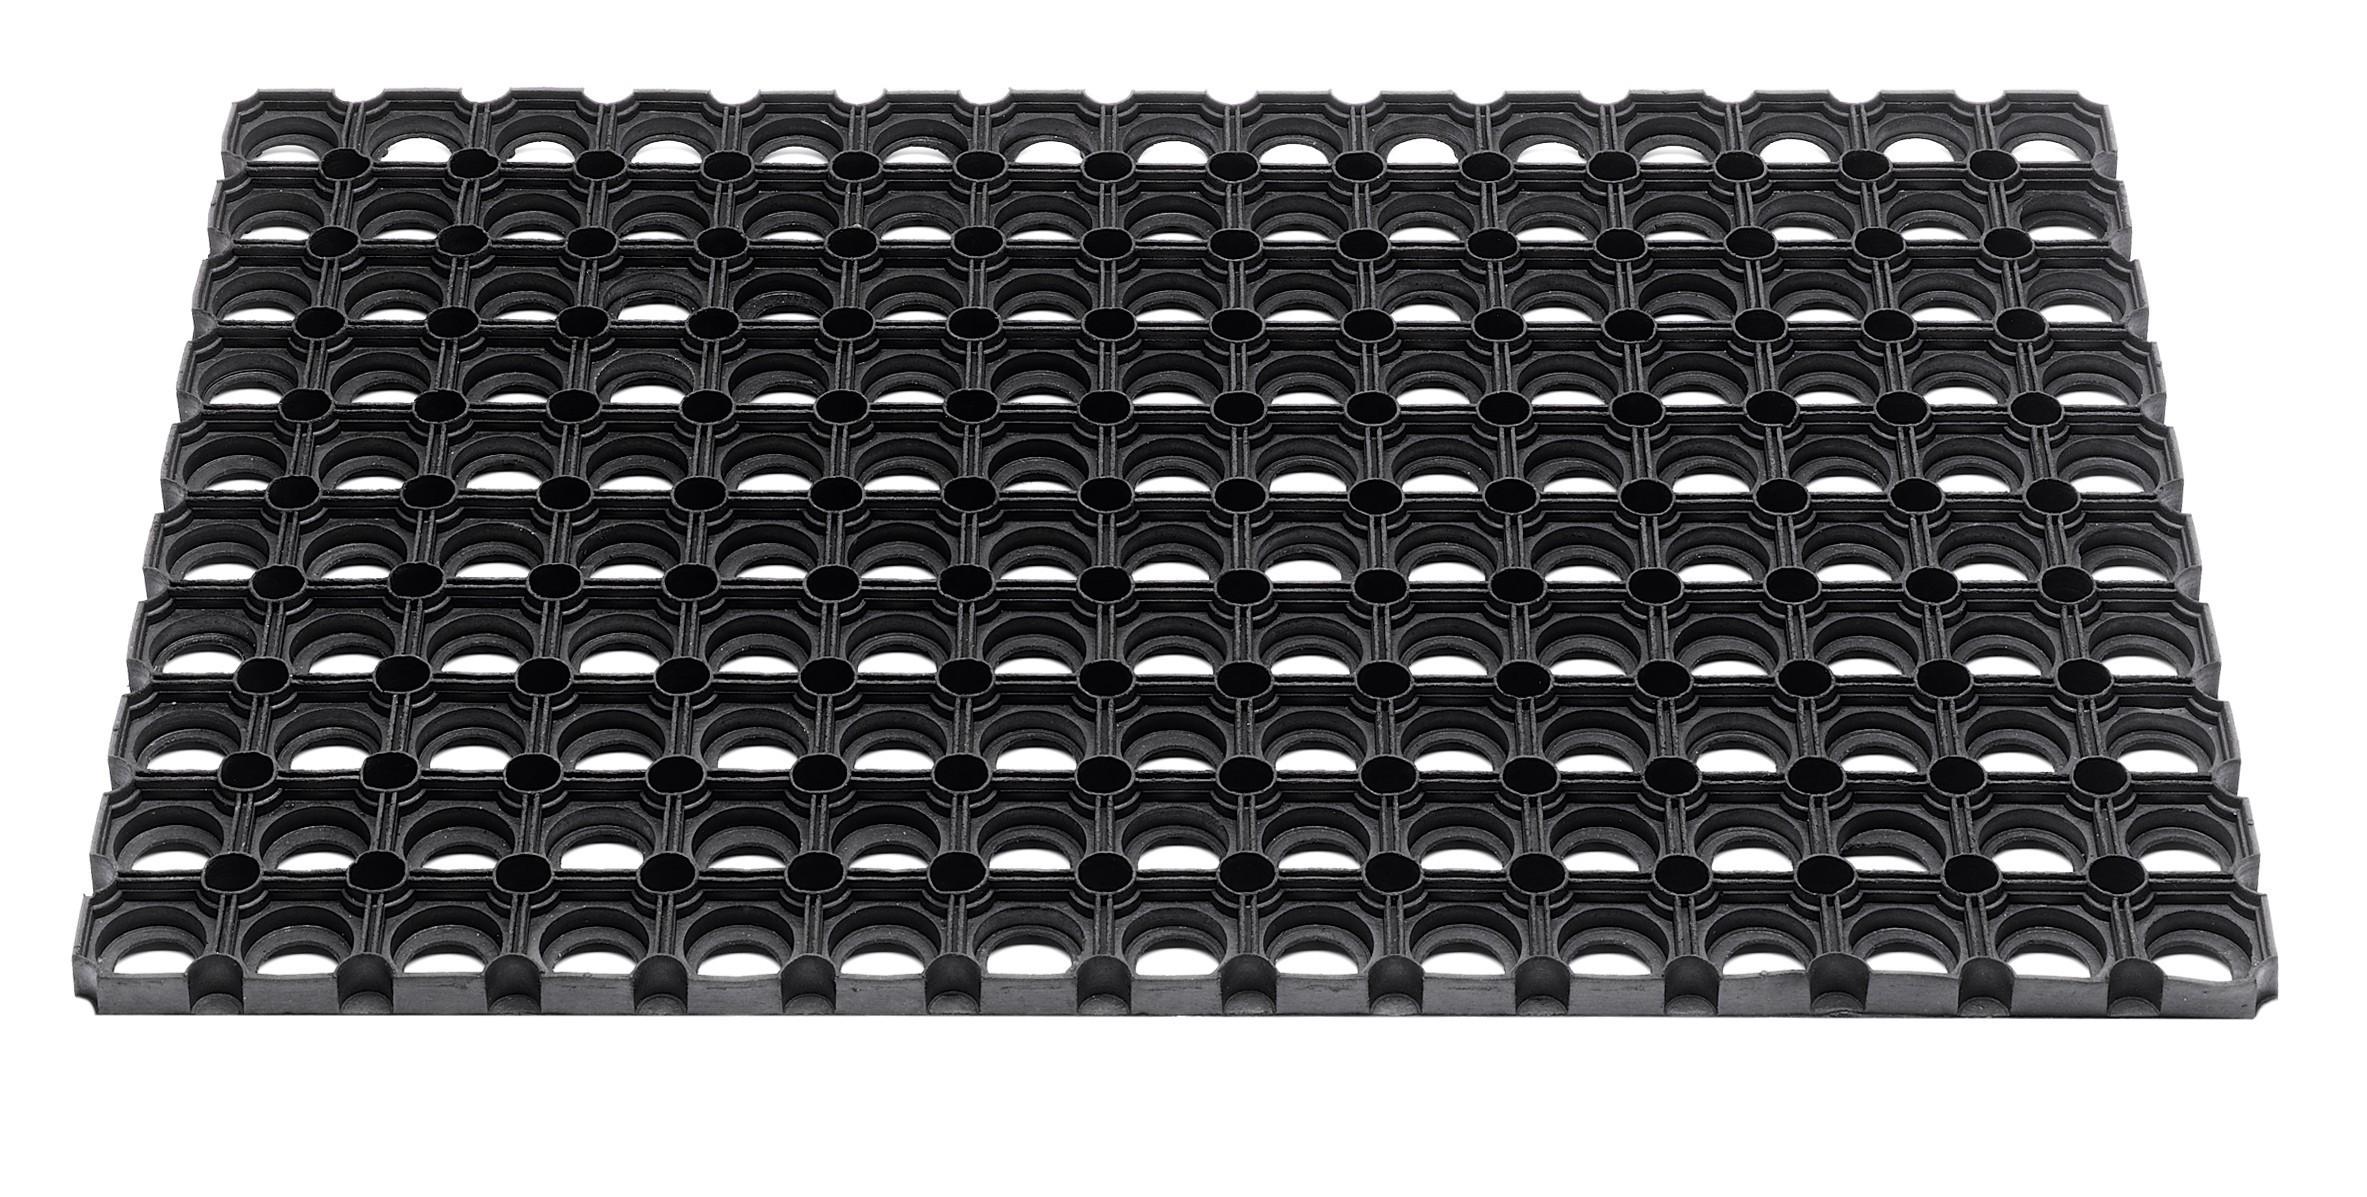 Hamat Außenmatte / Gummiwabenmatte Domino 40x60cm schwarz Bild 1